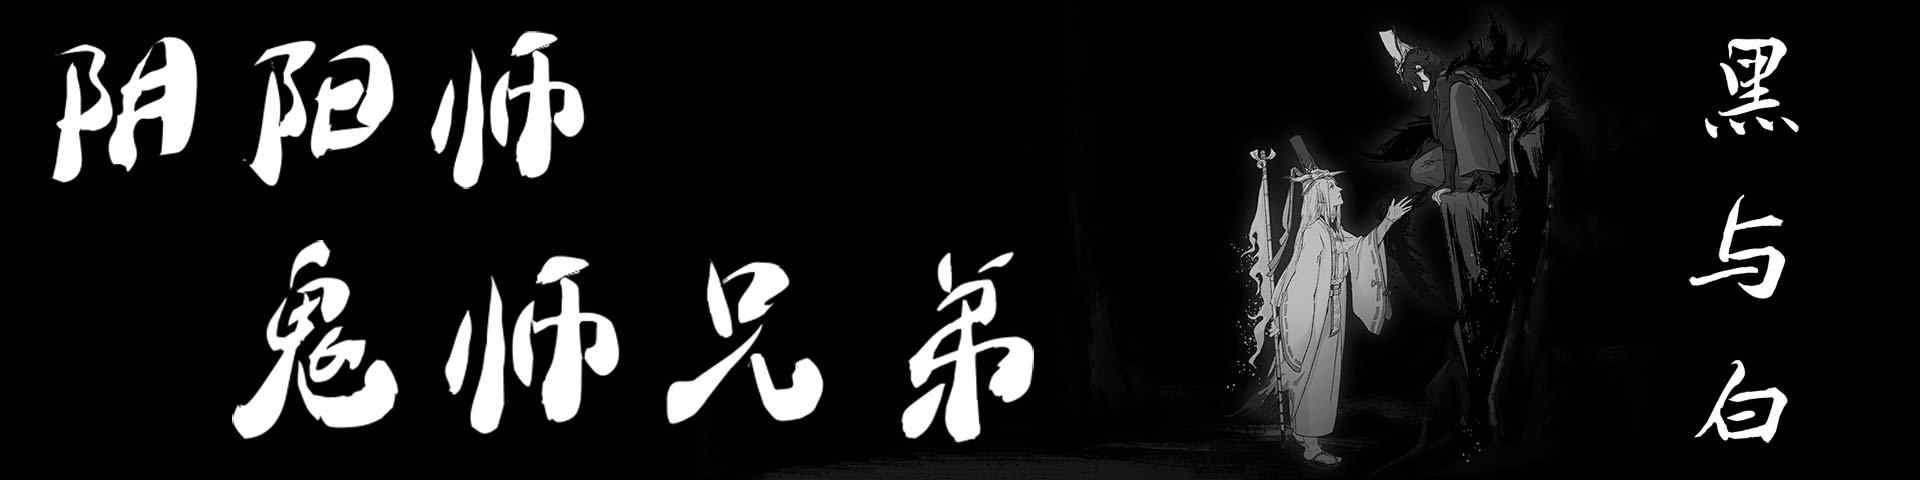 阴阳师鬼使兄弟_阴阳师手游、阴阳师式神_鬼使黑图片_鬼使白图片_阴阳师游戏壁纸